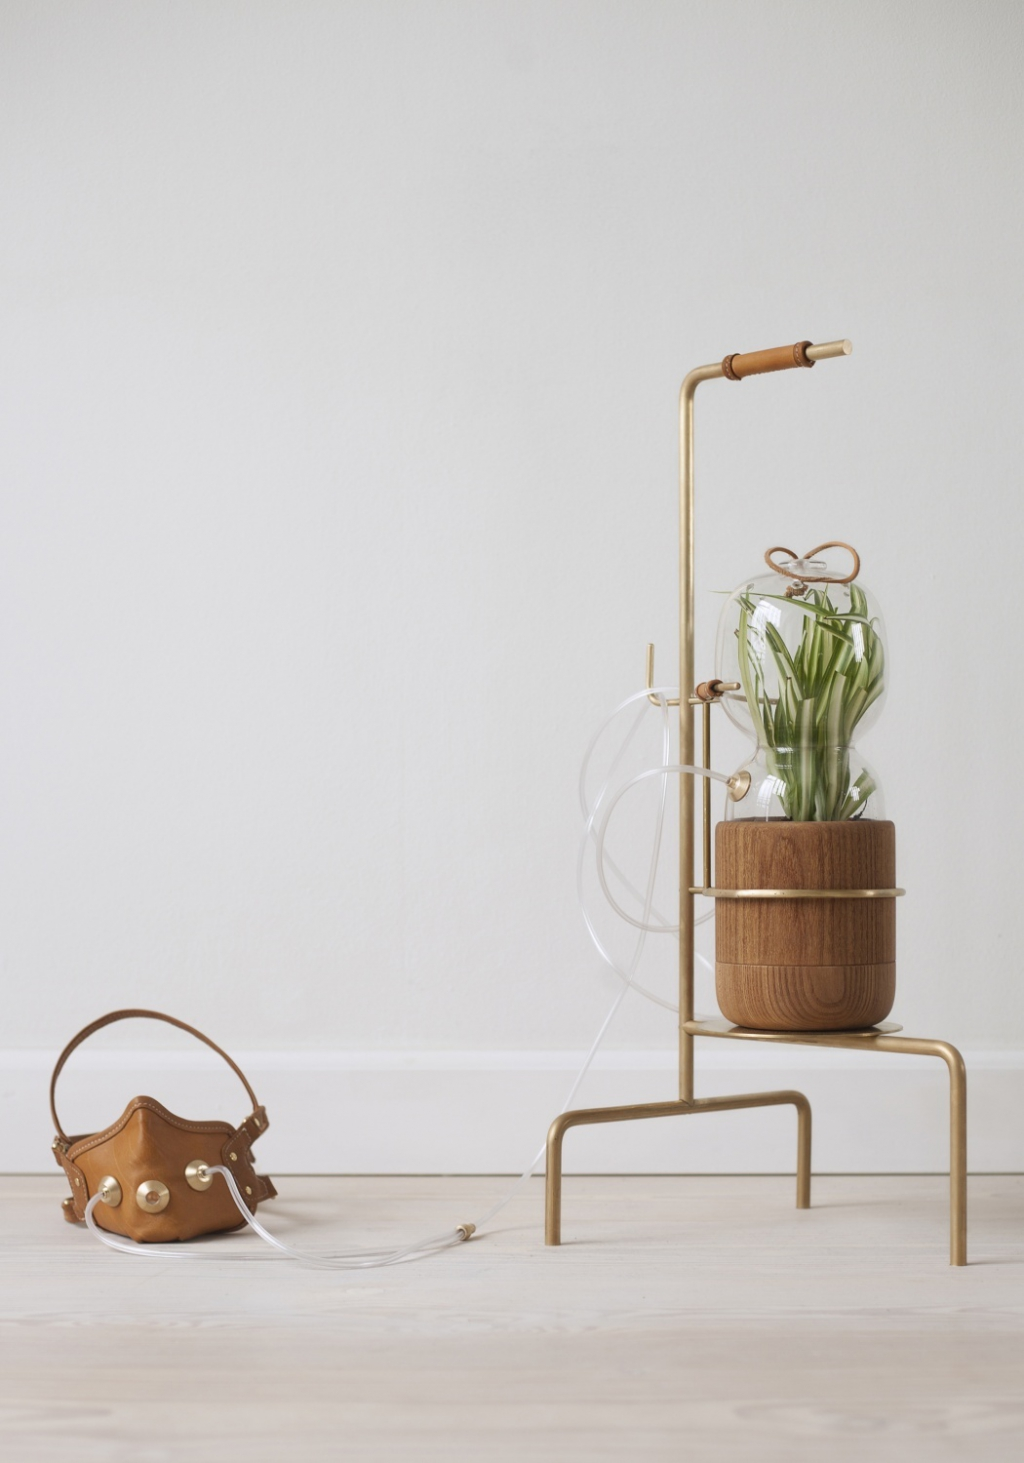 RE F O R M Design Biennale Anna Aagaard